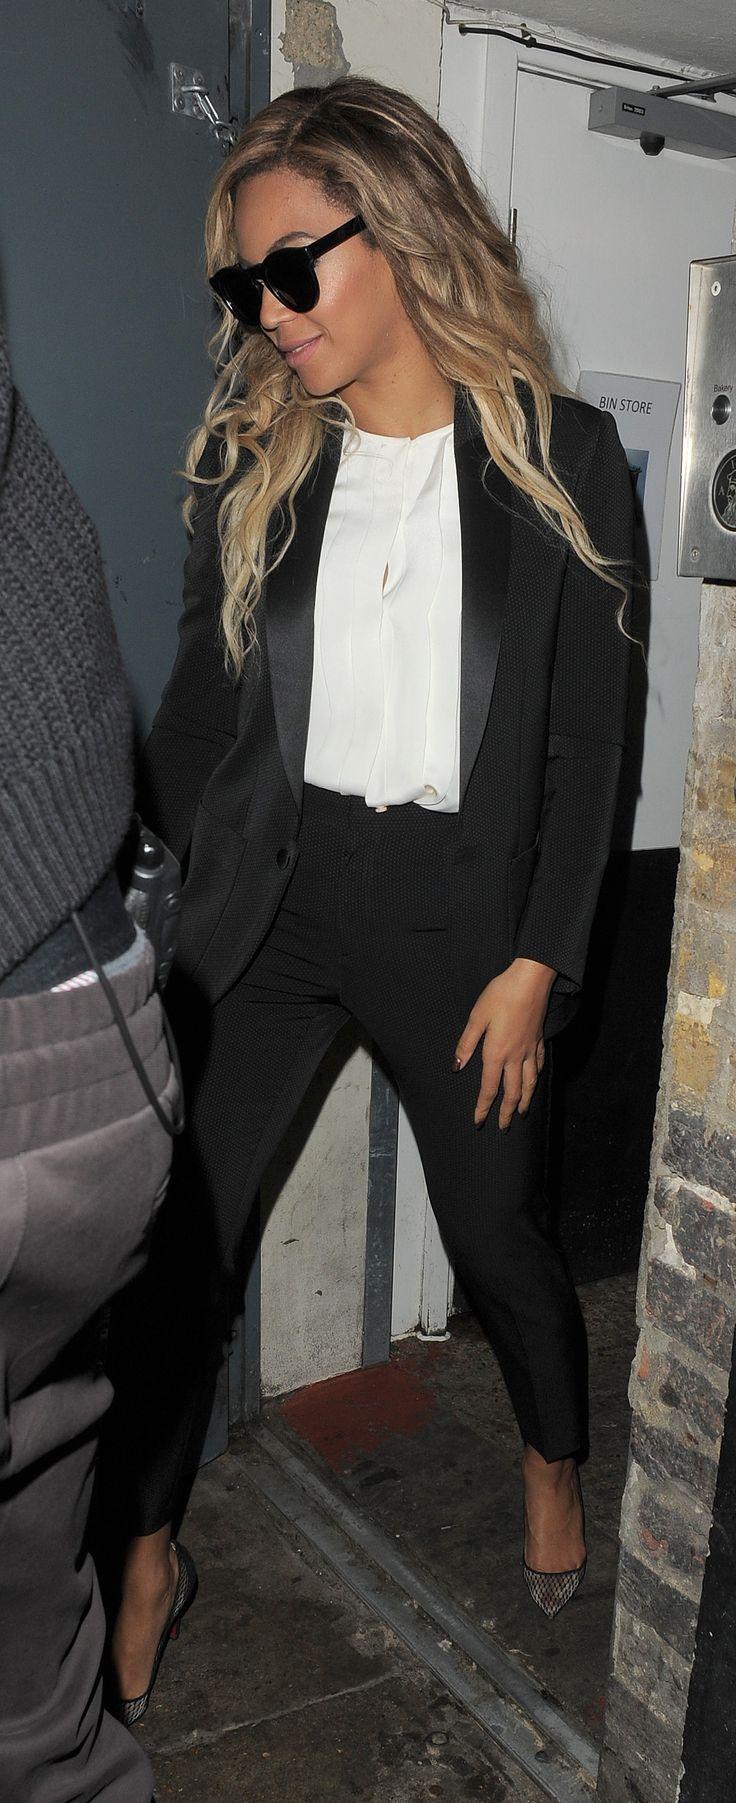 Beyoncé se lleva un pantalón negro, chaqueta de esmoquin negro. Beyoncé lleva una blusa blanca. La chaqueta de esmoquin negro vale mucho. La blusa blanca vale la pena un poco. El pantalón negro es muy caro.